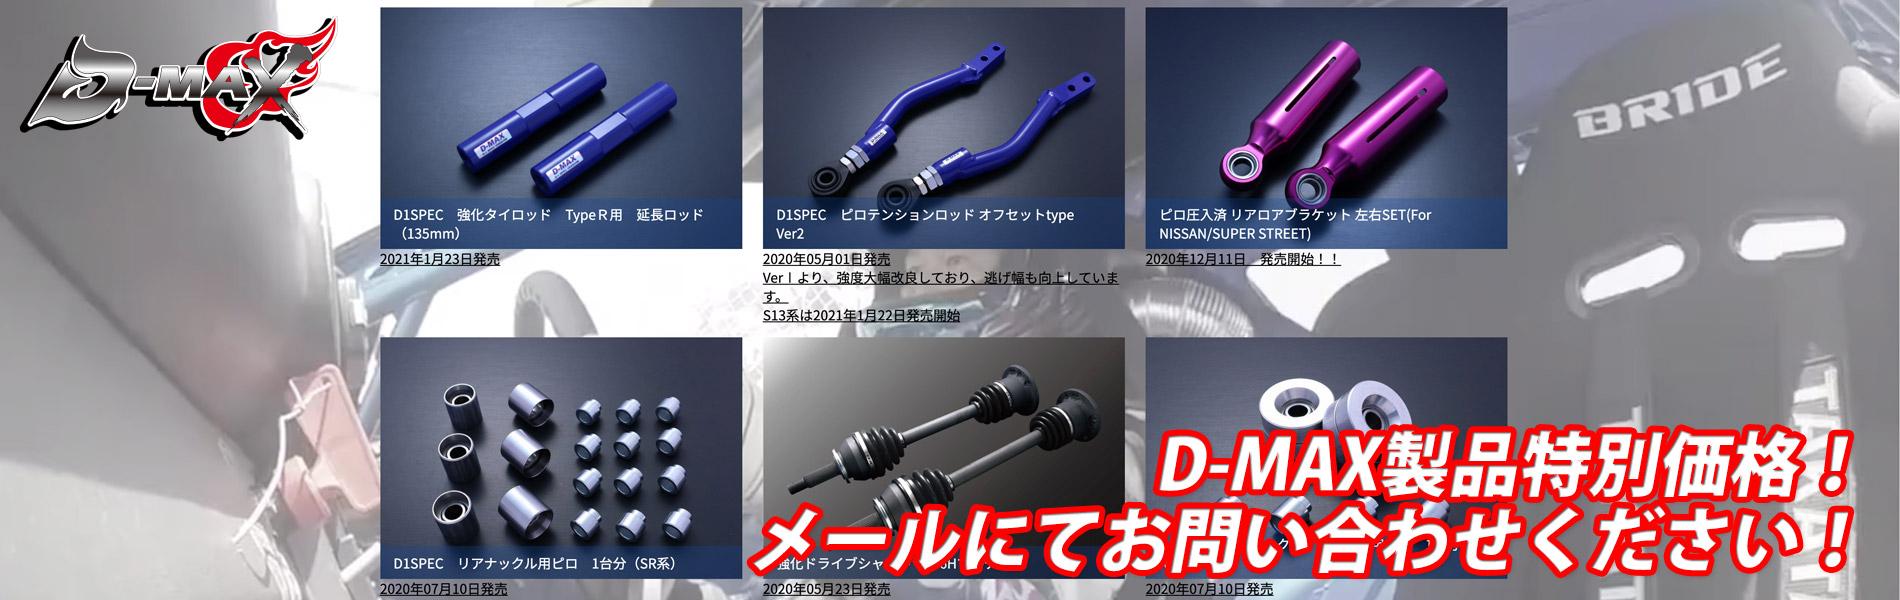 D-MAX HP